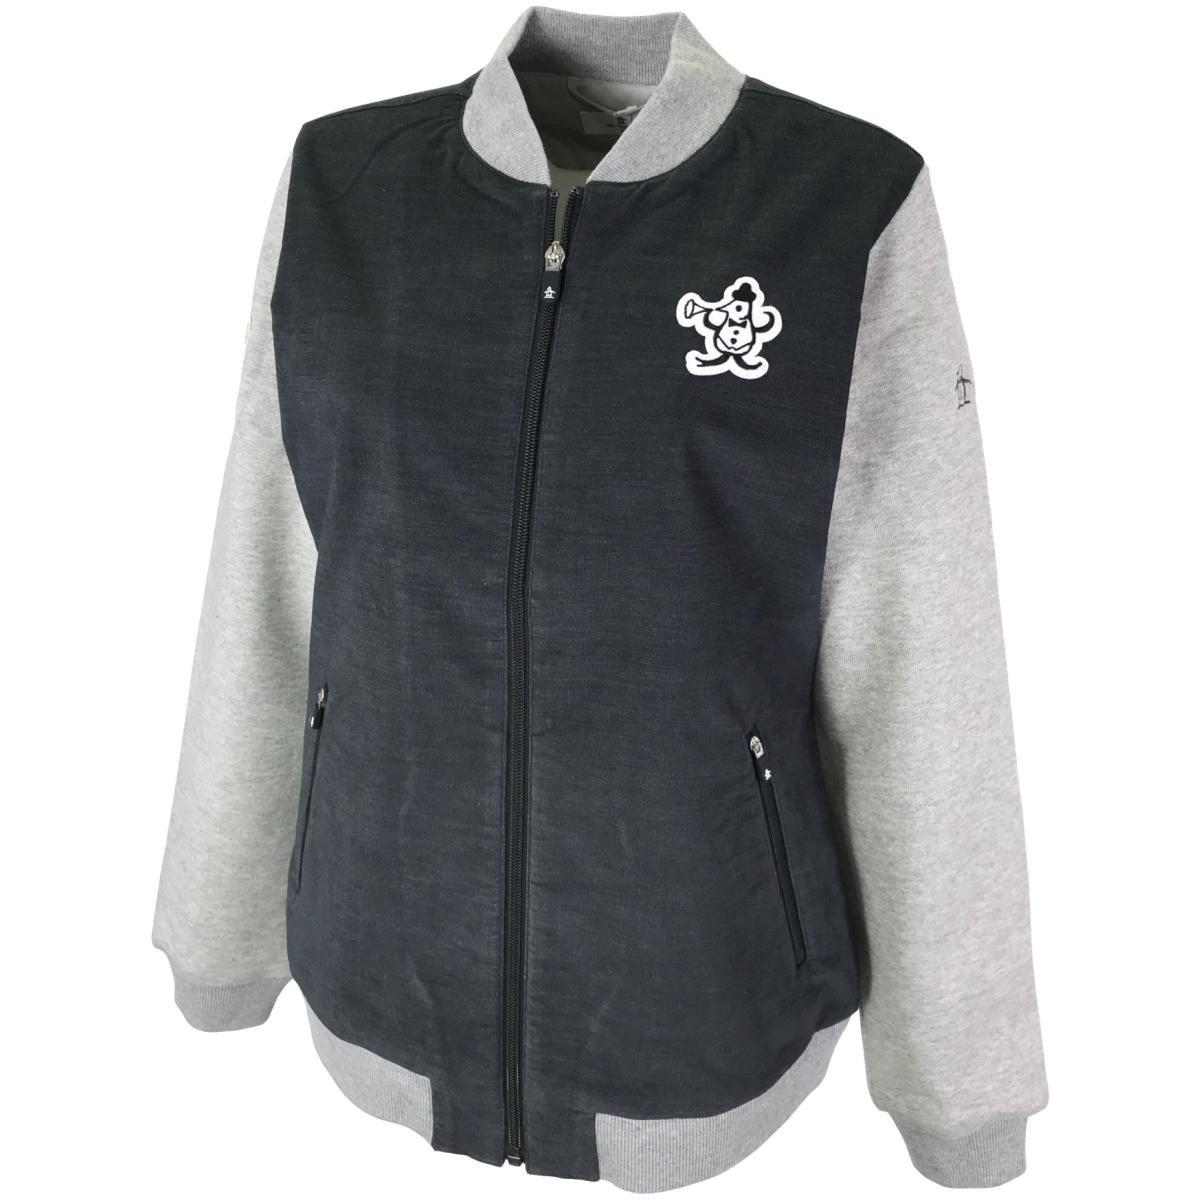 マンシングウェア Munsingwear MITSUSHIGE NISHIWAKI コラボ スタジャン風ストレッチブルゾン M グレー 00 レディス